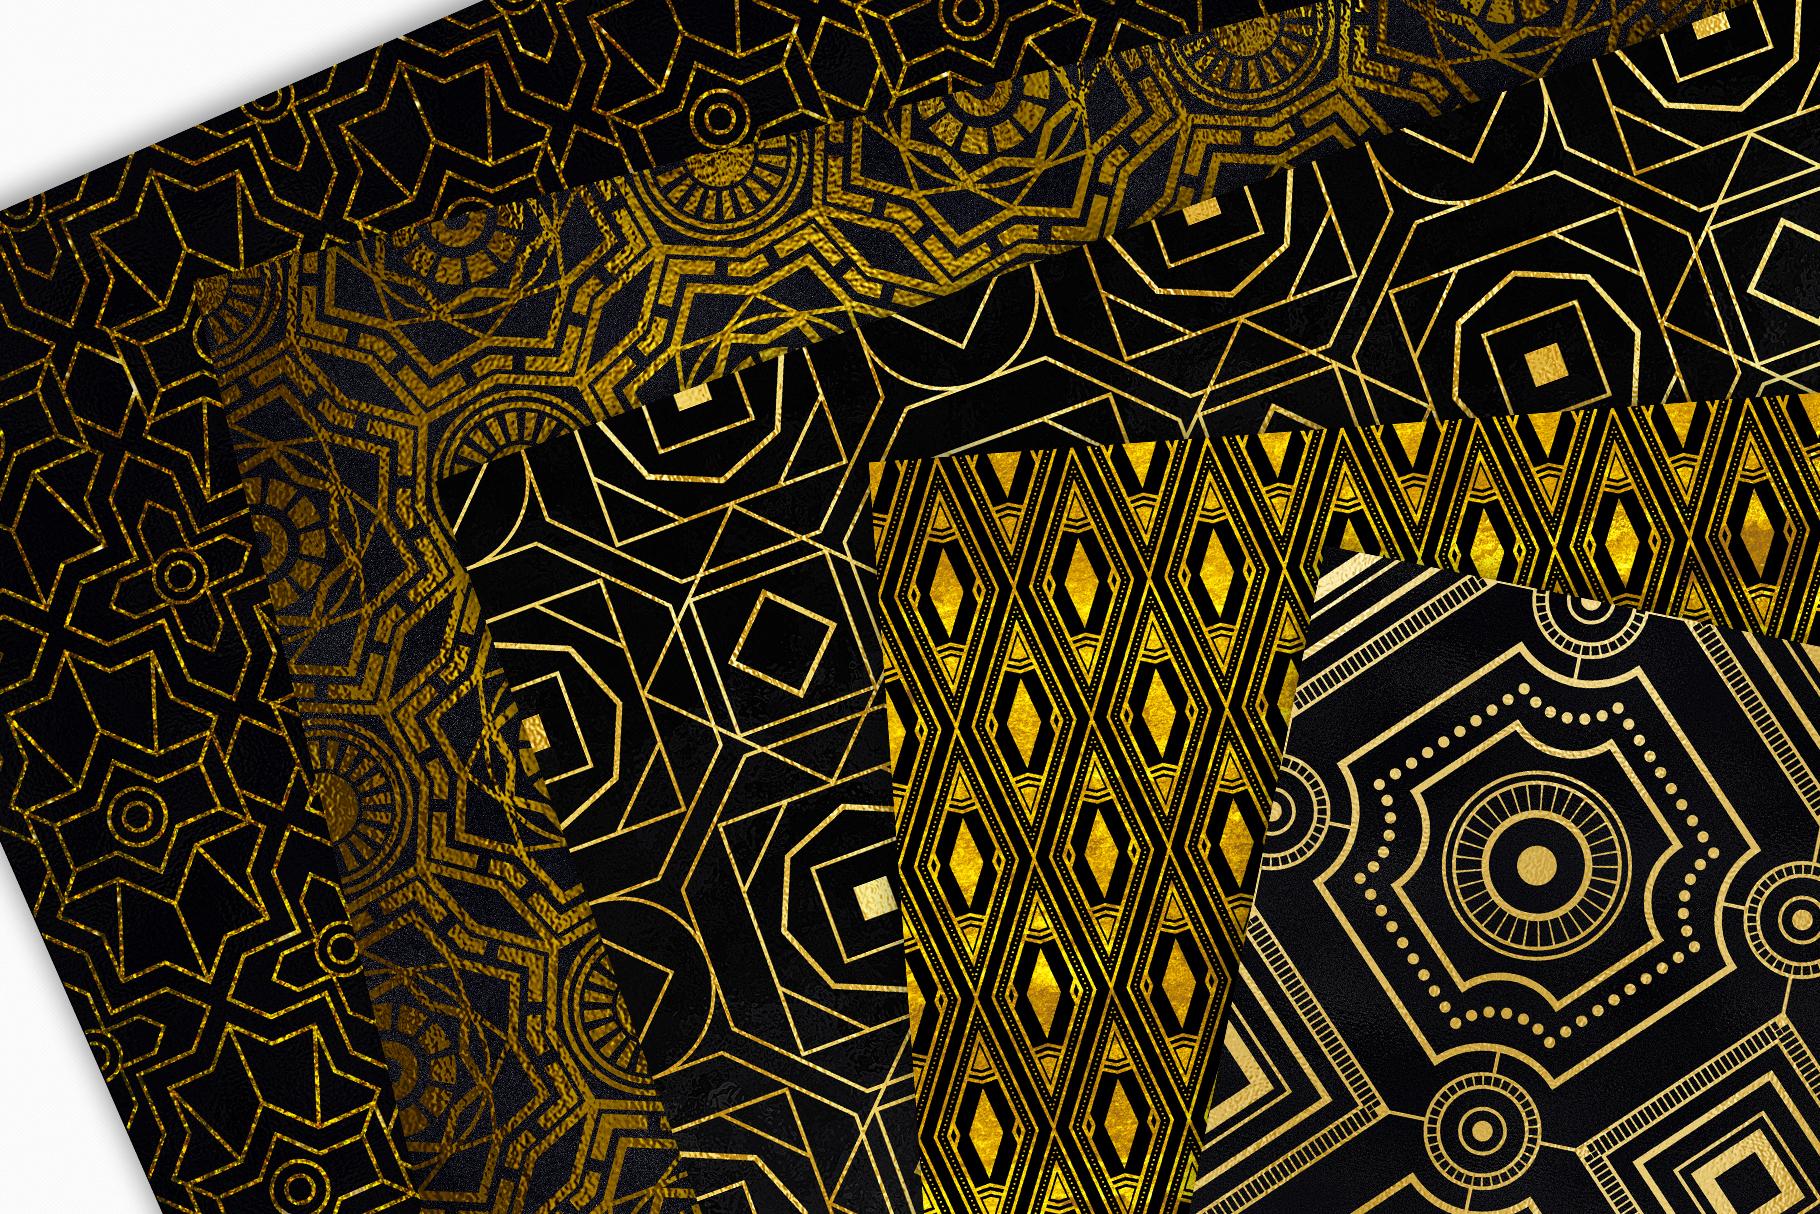 Noir - Patterns & Textures Bundle example image 24